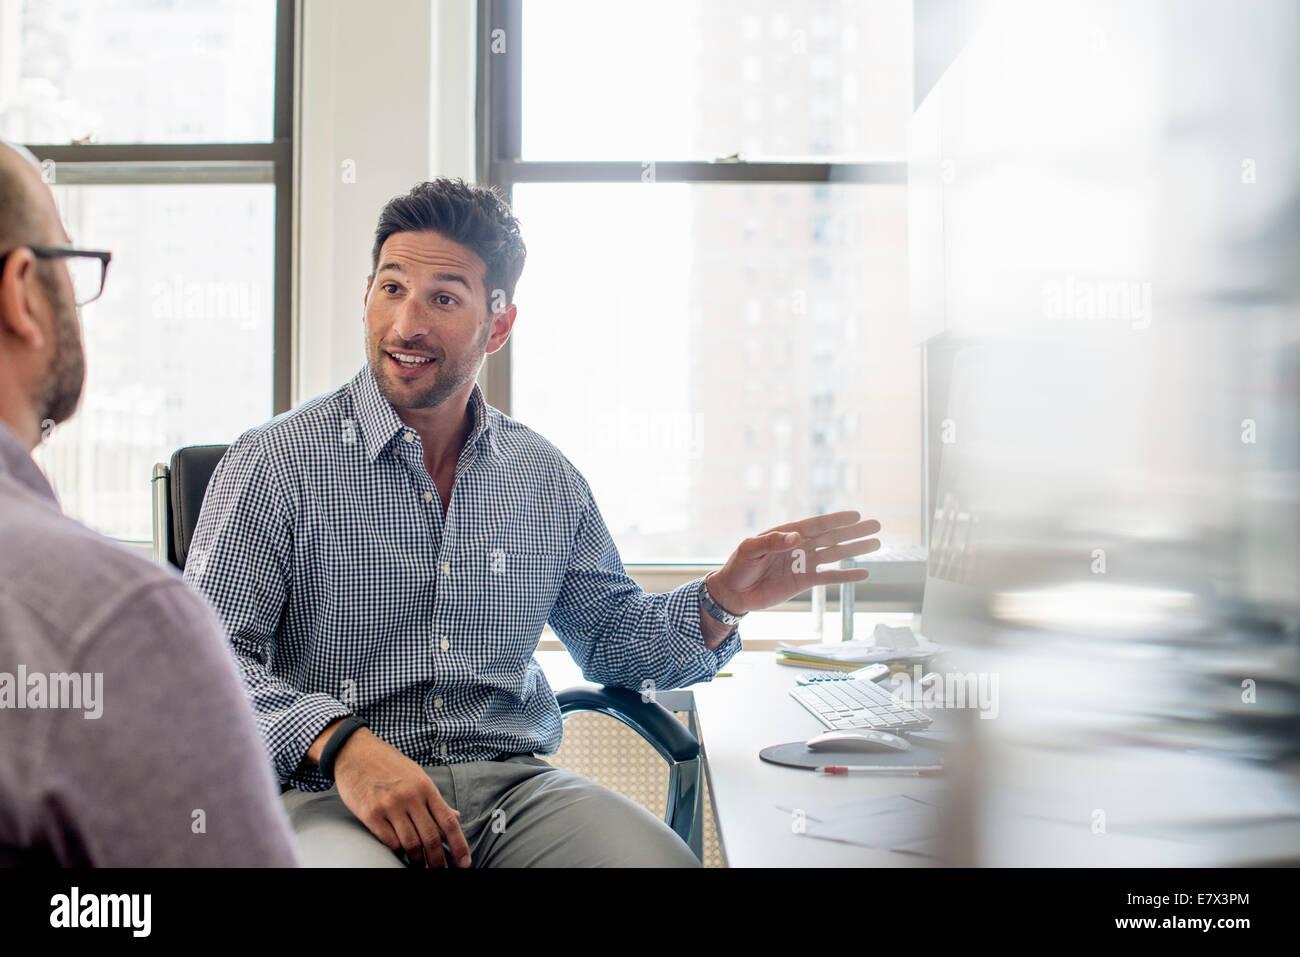 Büroalltag. Zwei Männer sitzen sprechen und man mit der Hand auf einem Computermonitor Gesten. Stockbild